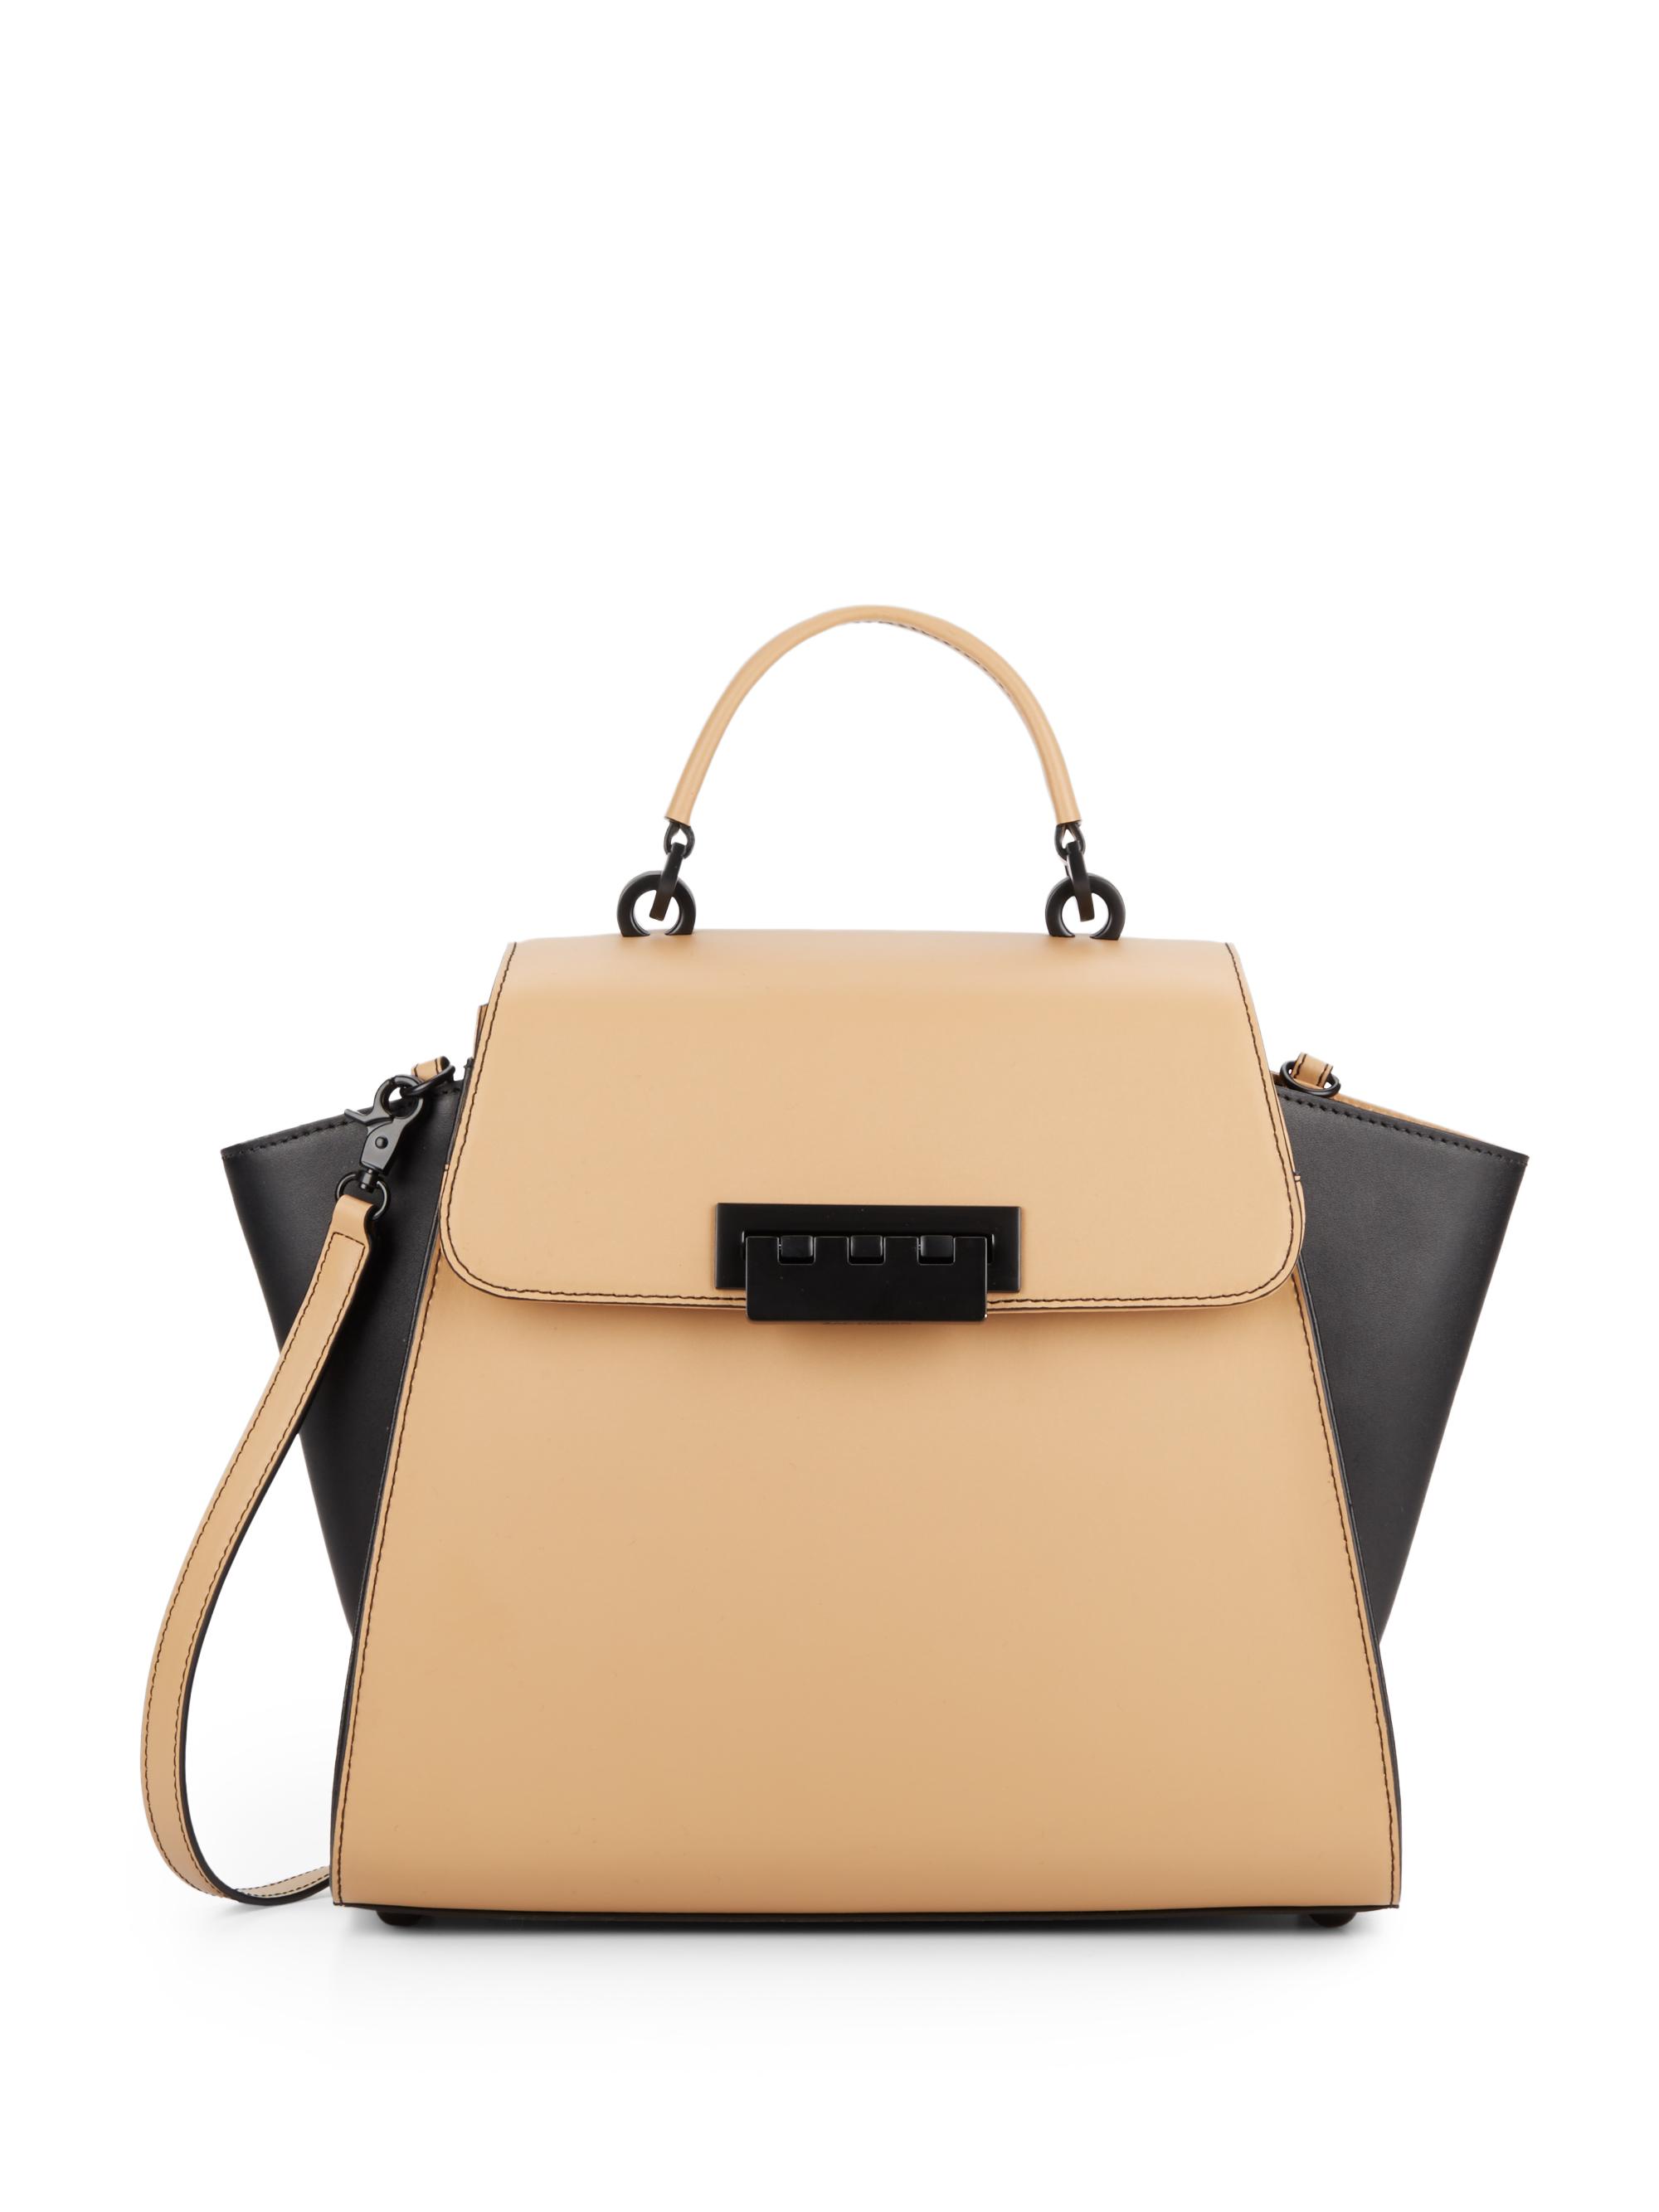 Handbags-035.JPG